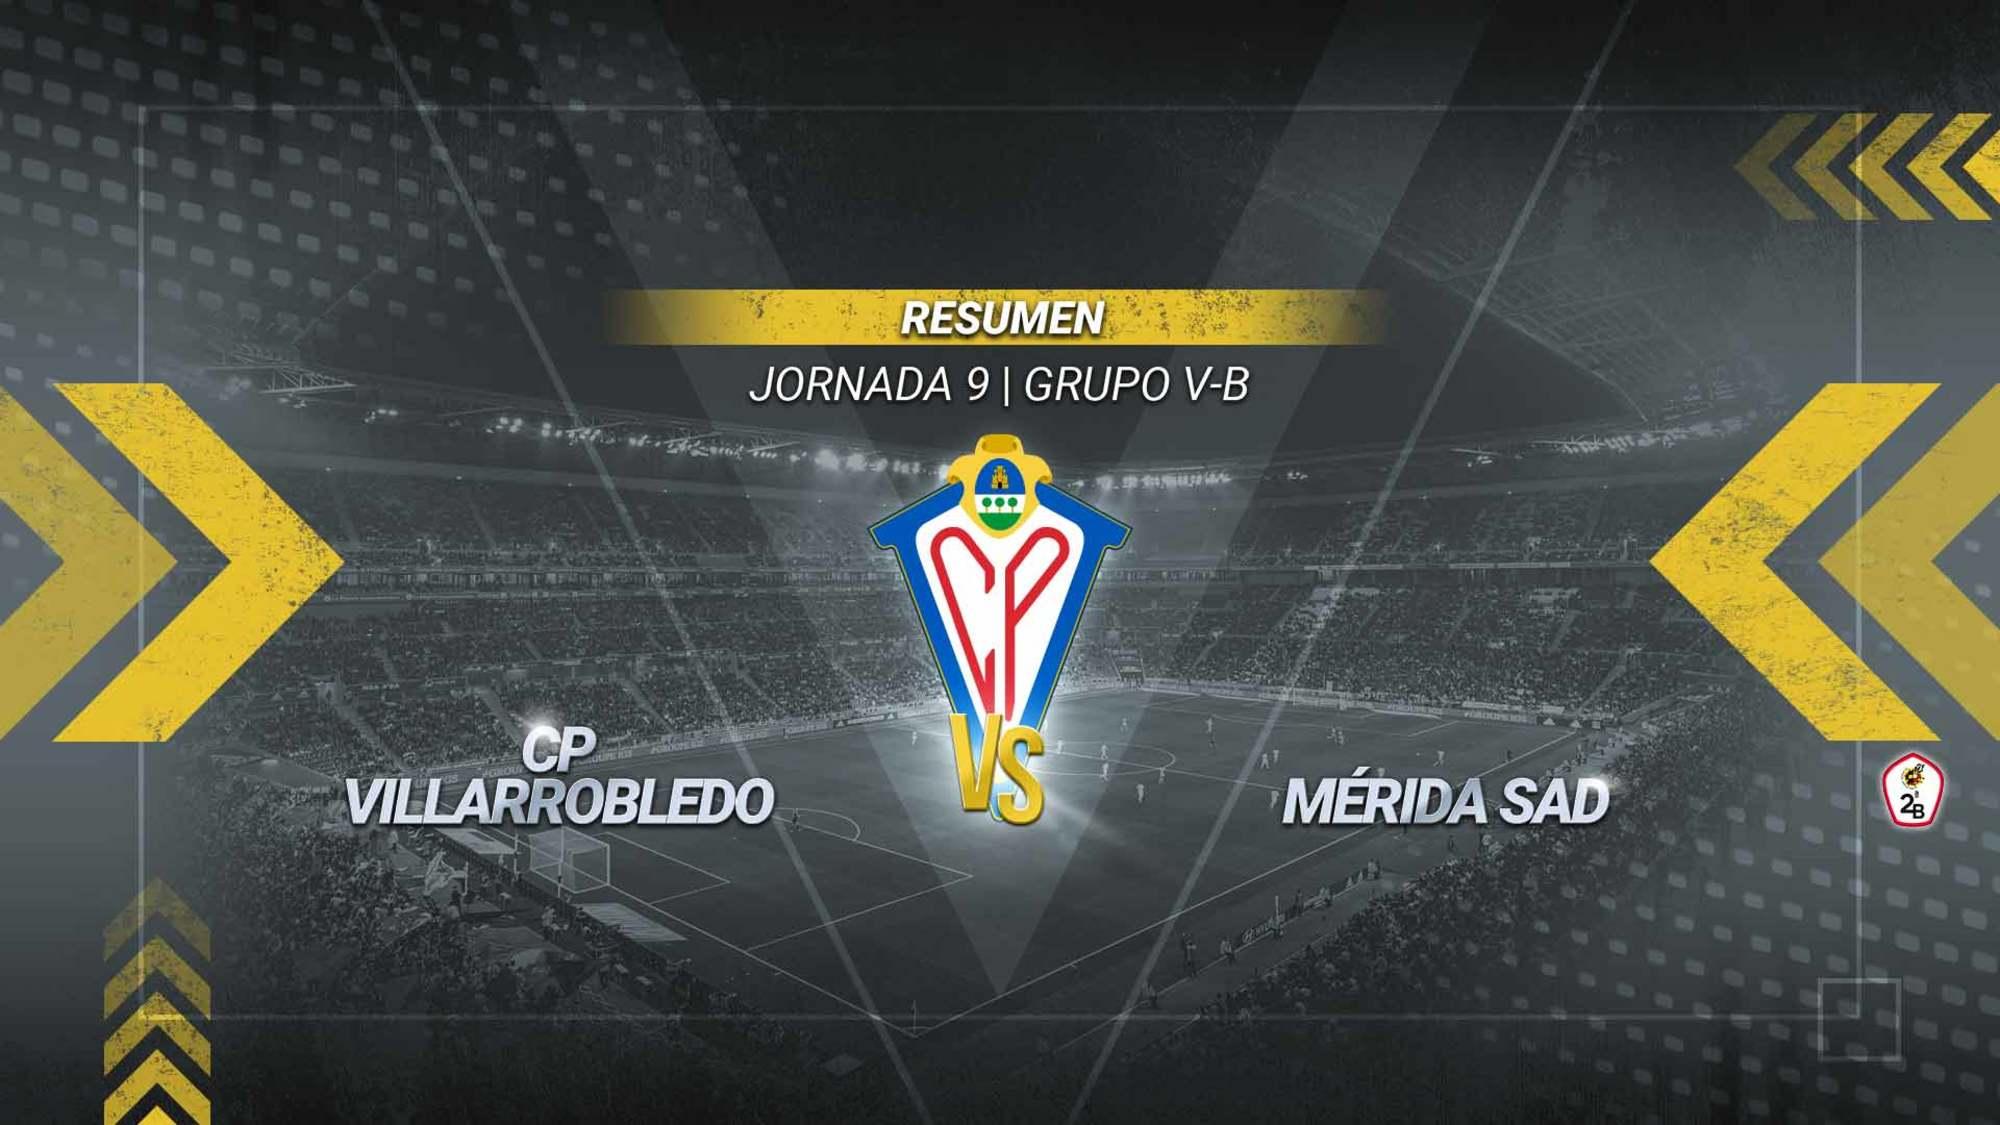 El Villarrobledo vuelve a cosechar una derrota en casa, esta vez ante el tercero de la tabla, el Mérida. Los extremeños se adelantaron a los cinco minutos de partido con un tanto de Marc Fraile, y a pesar del rápido empate de Dani Ndi en el 15', el conjunto visitante se fue al descanso con el definitivo 1-2 gracias a un gran gol de Álvaro Barbosa. En la segunda parte los hombres de Edu Pérez lo intentaron pero no pudieron sacar un resultado positivo, manteniéndose en el puesto de farolillo rojo del subgrupo 5B de la Segunda División B, con tan sólo cuatro puntos.